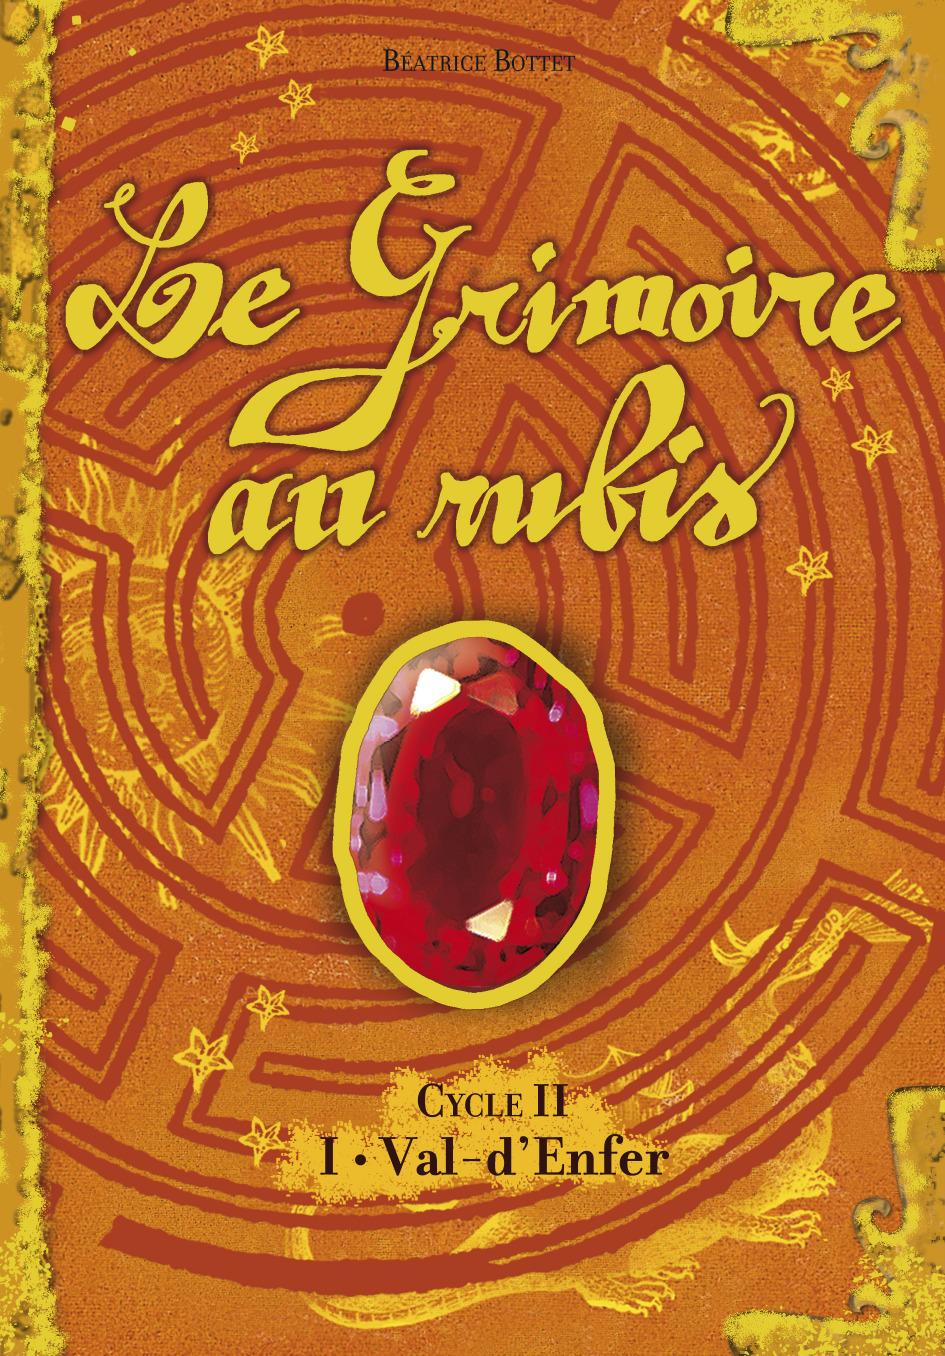 VAL-D'ENFER - LE GRIMOIRE AU RUBIS - T4